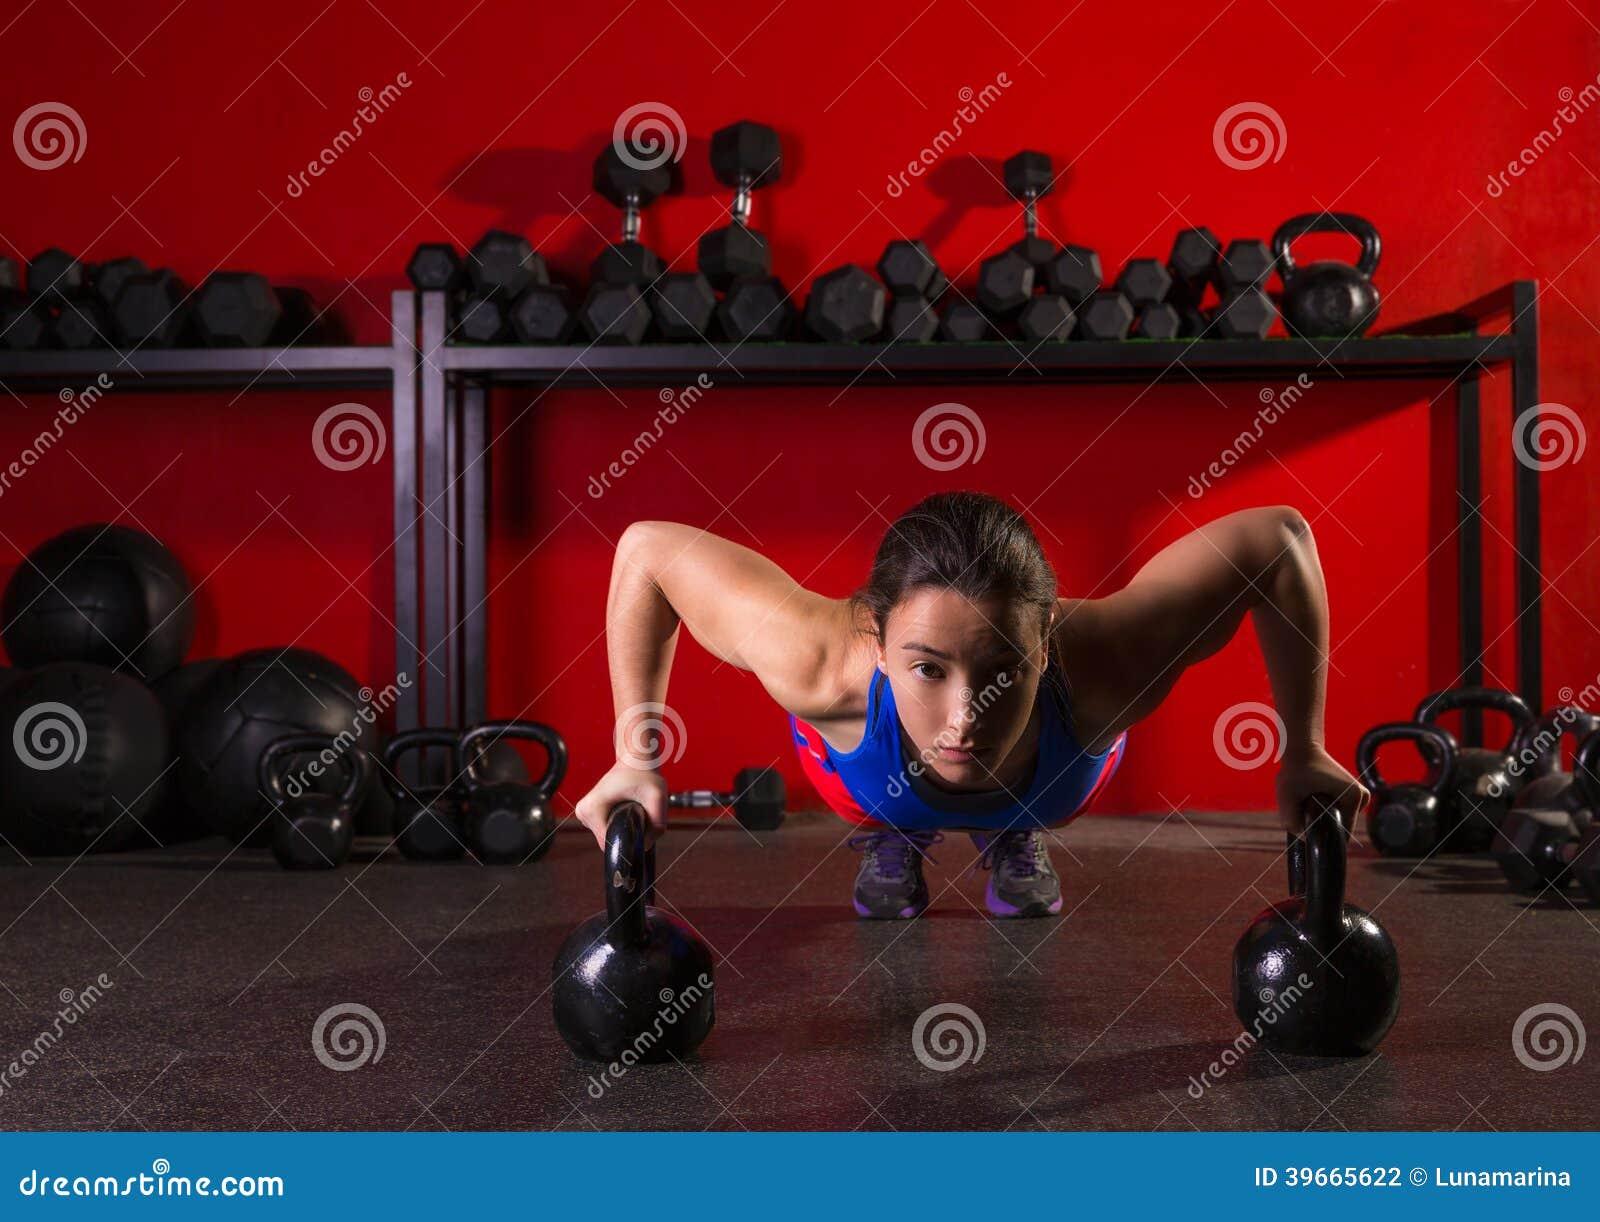 Ώθηση-επάνω γυμναστική δύναμης γυναικών Kettlebells workout